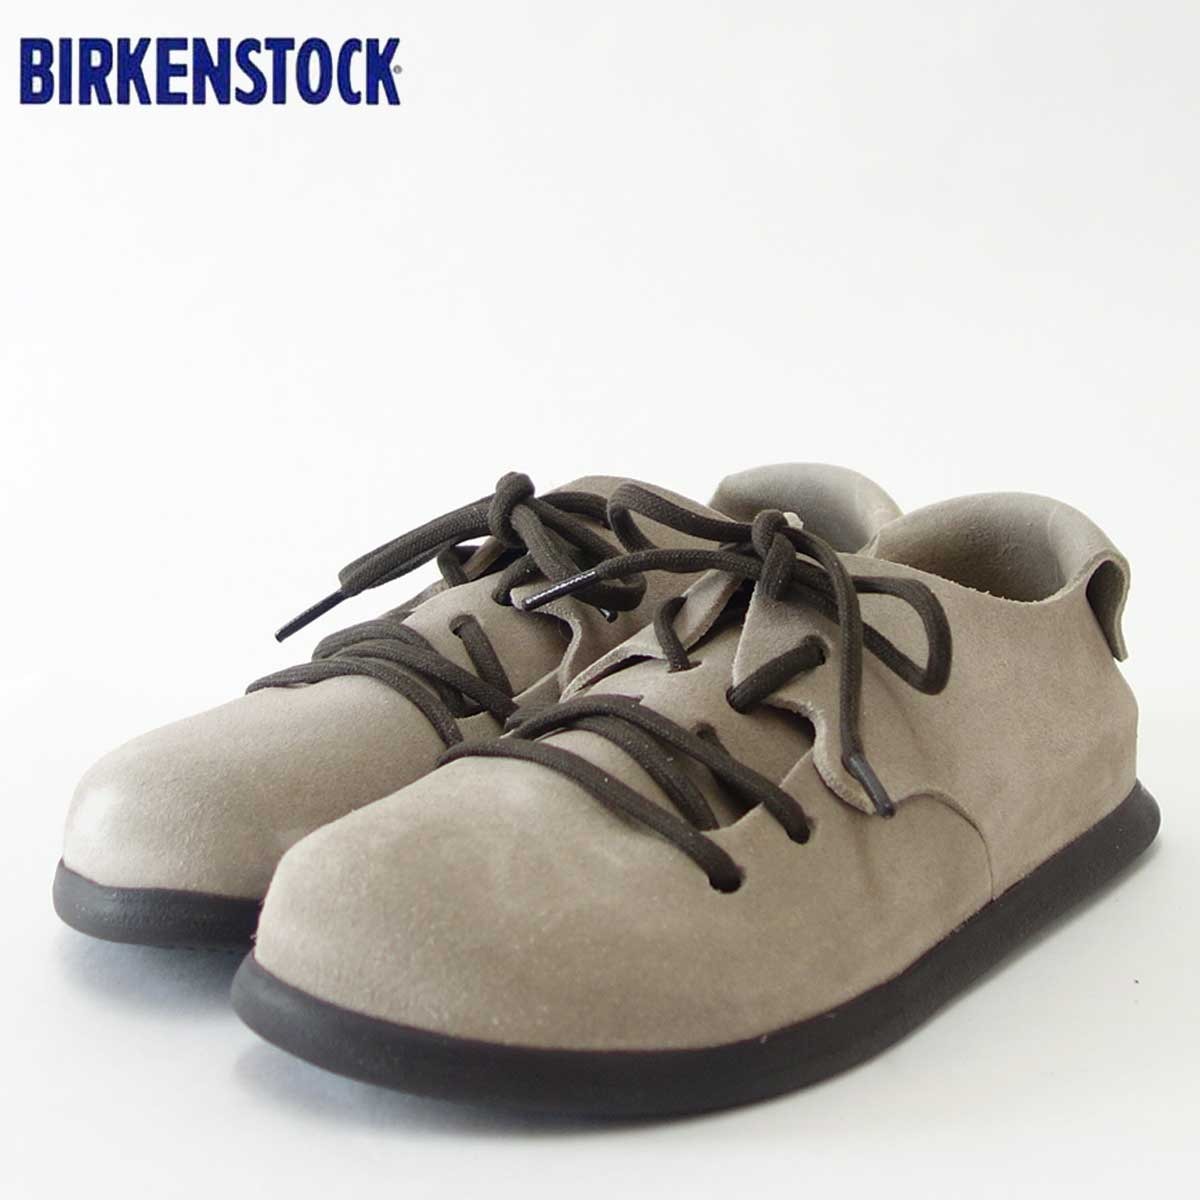 BIRKENSTOCK(ビルケンシュトック)Montana(モンタナ)幅狭(ナローフィット)GC 1006239(スエードレザー/トープ)ドイツ生まれの快適フットベッド(正規輸入品)「靴」, エディオン 1b81bbc4